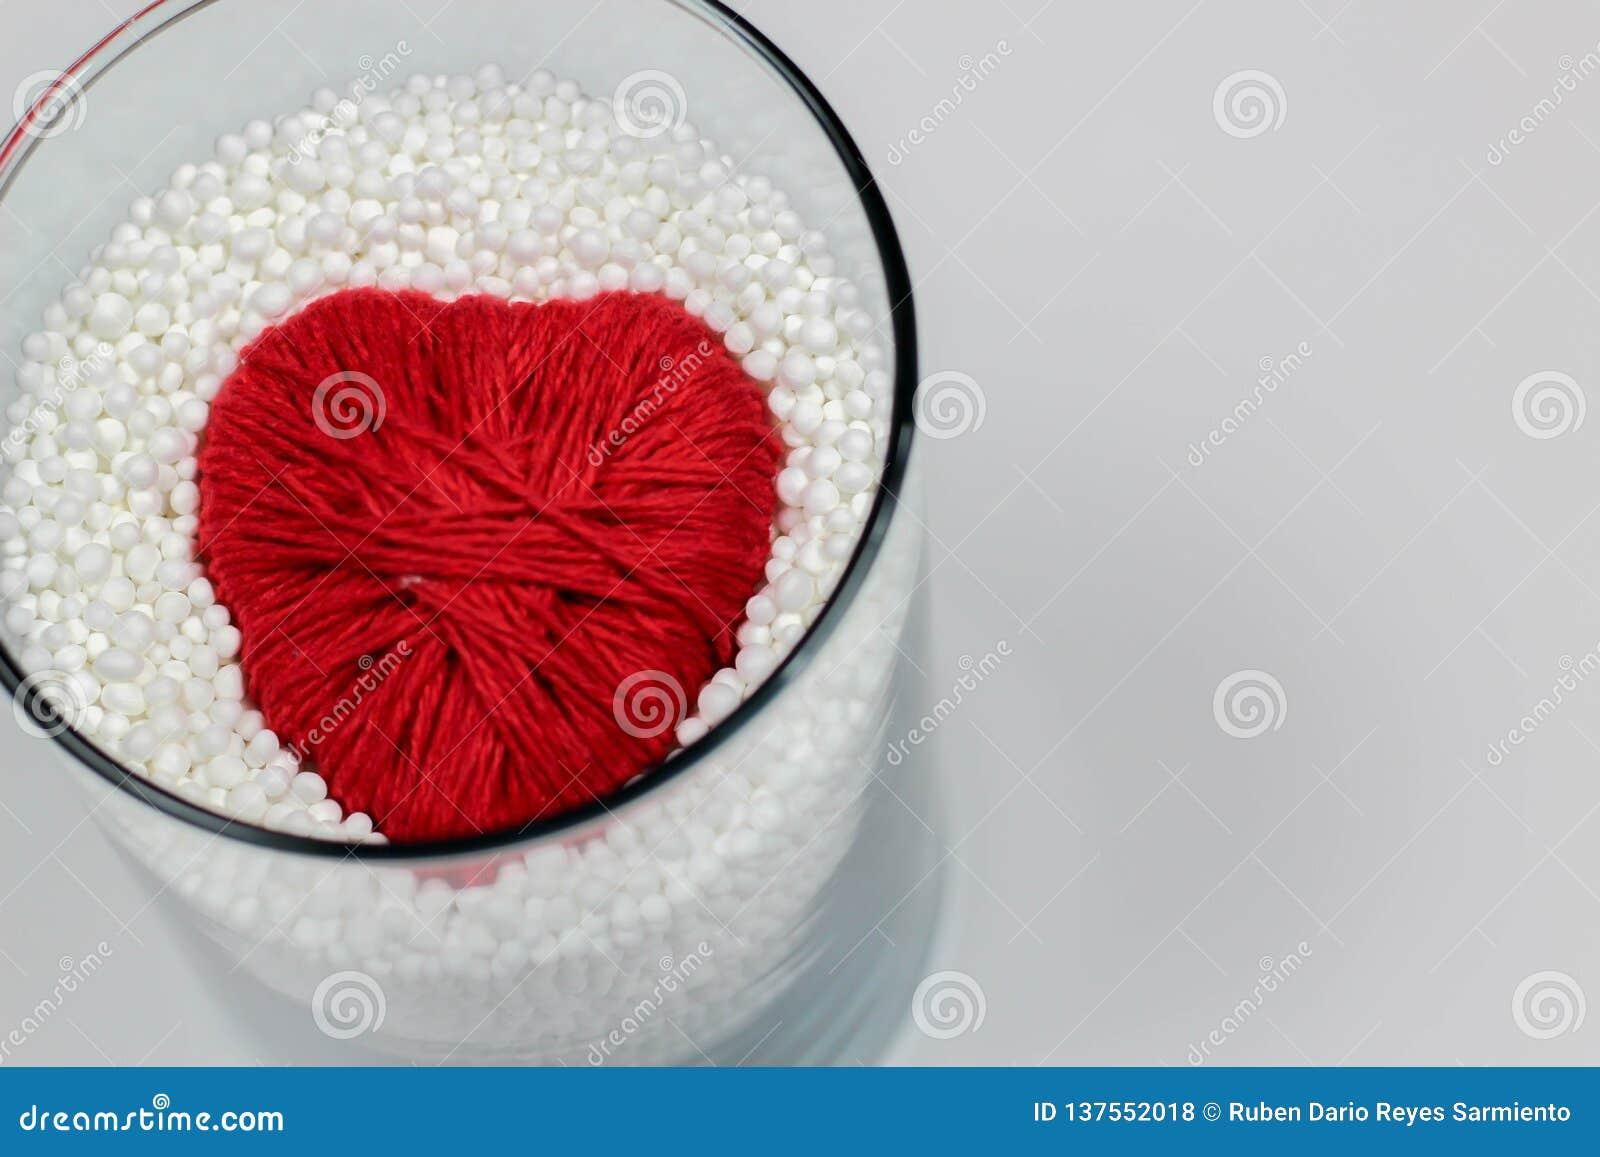 Il cuore ha fatto il filato di lana, protettivo dalle palline in espansione del polistirolo